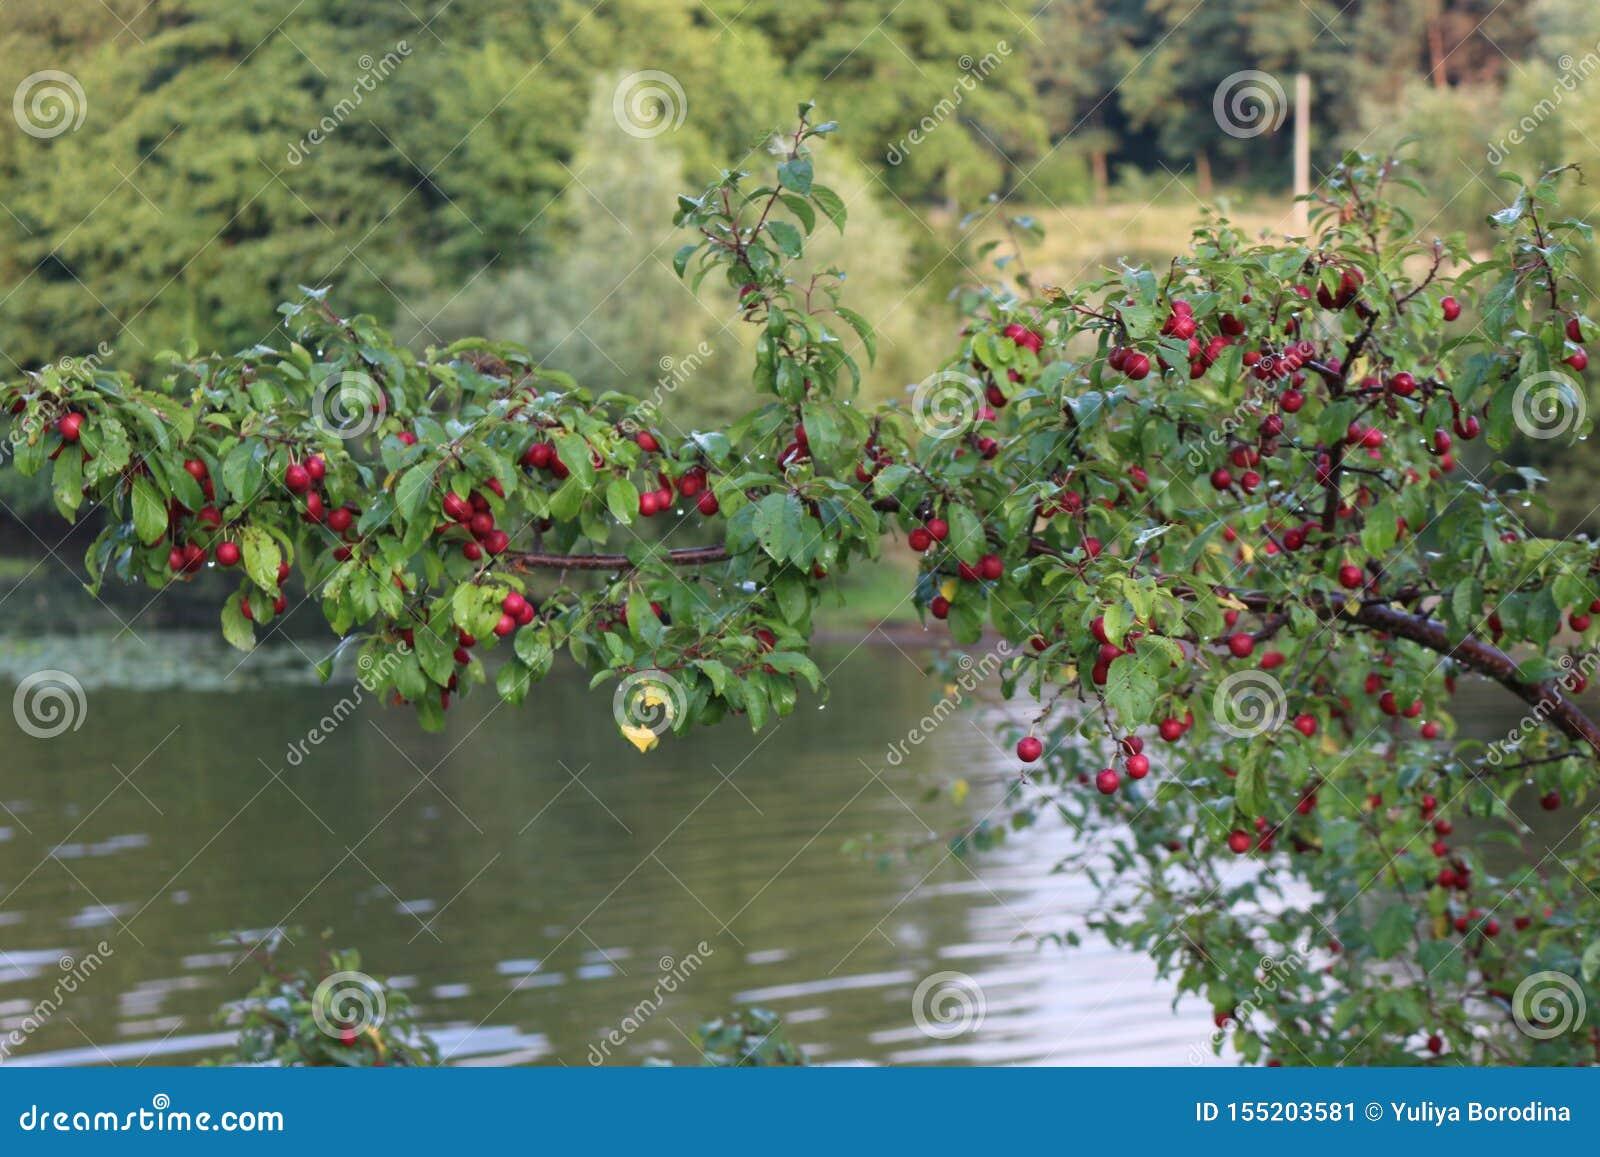 Purpurowe owoc czereśniowa śliwka dojrzewali na drzewie w późnym lecie